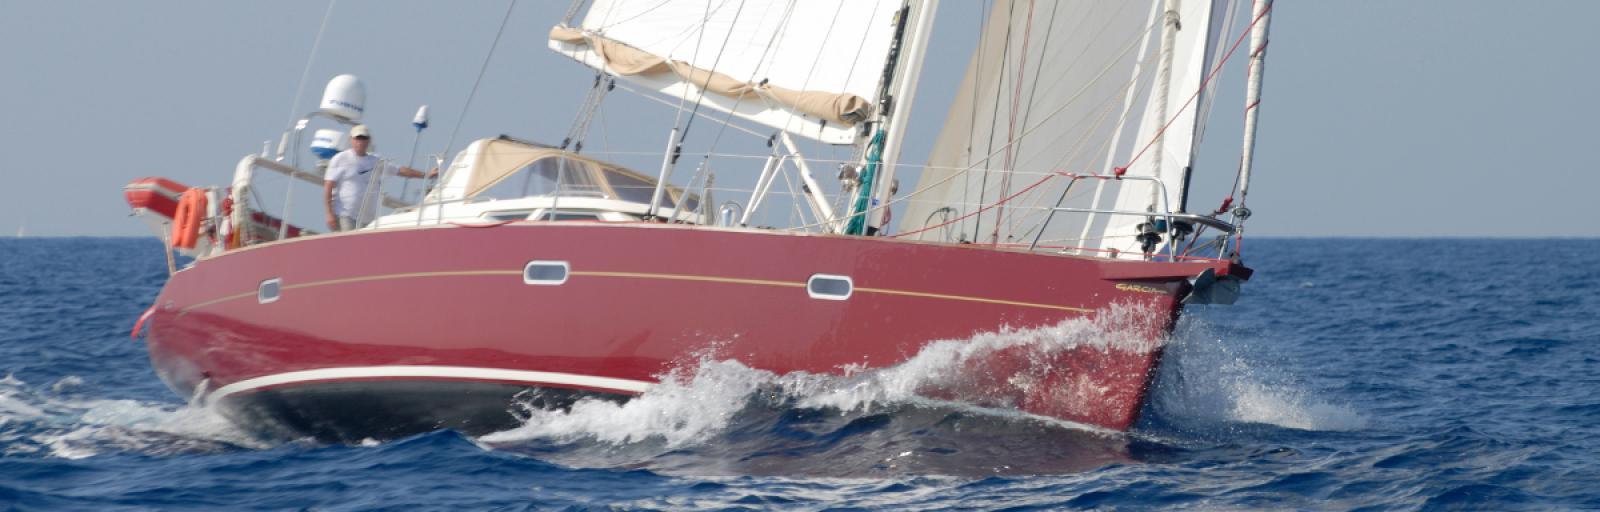 AYC Yachtbrokers - GARCIA SALT 57